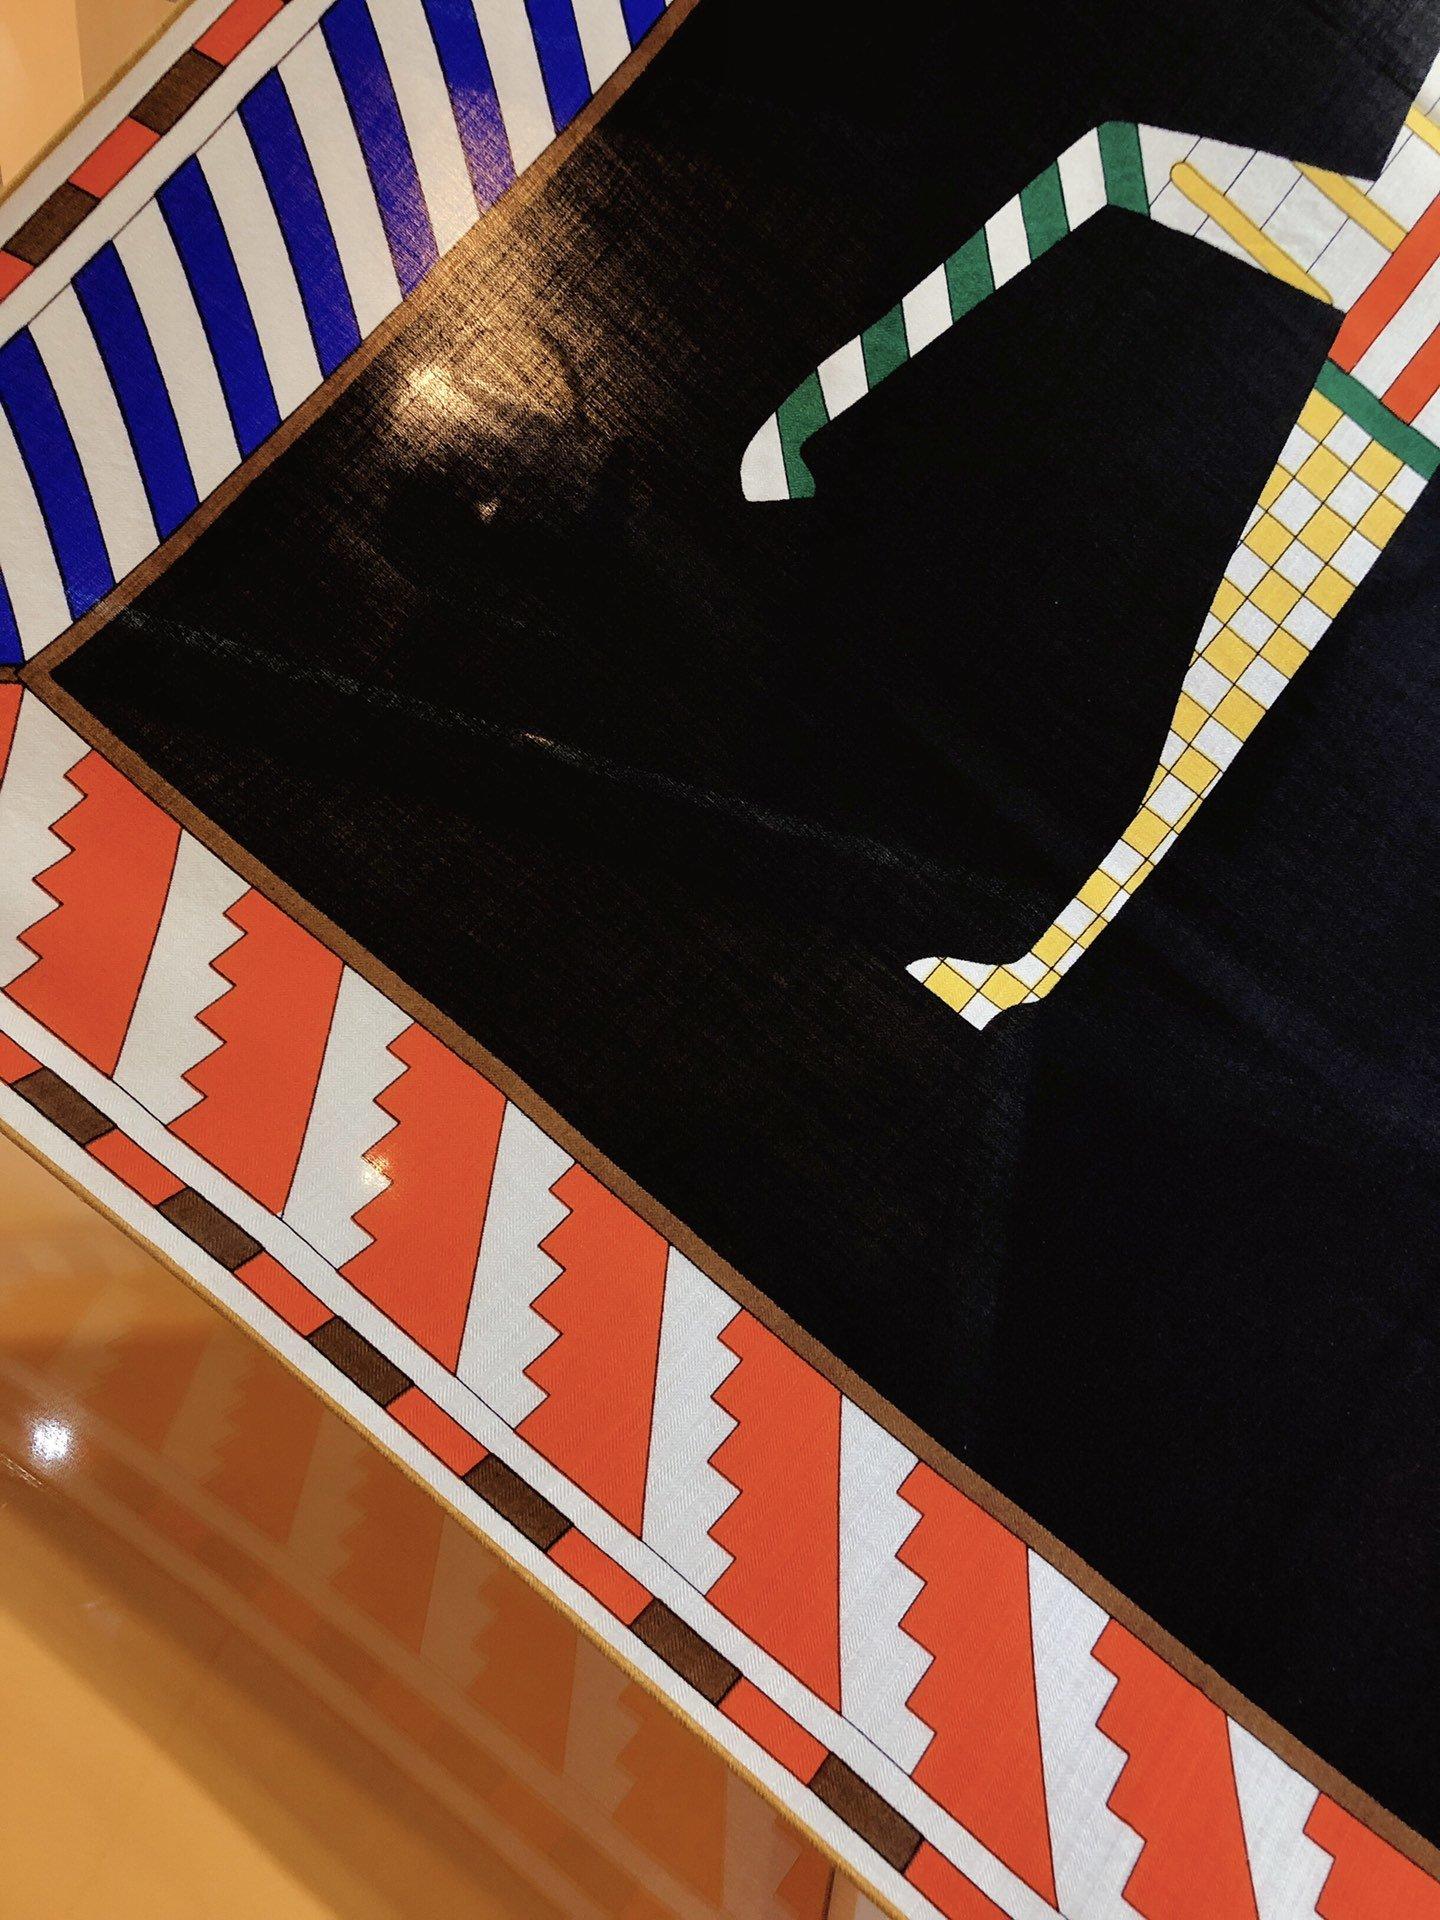 爱马仕新款140cm丝绒方巾采用经典